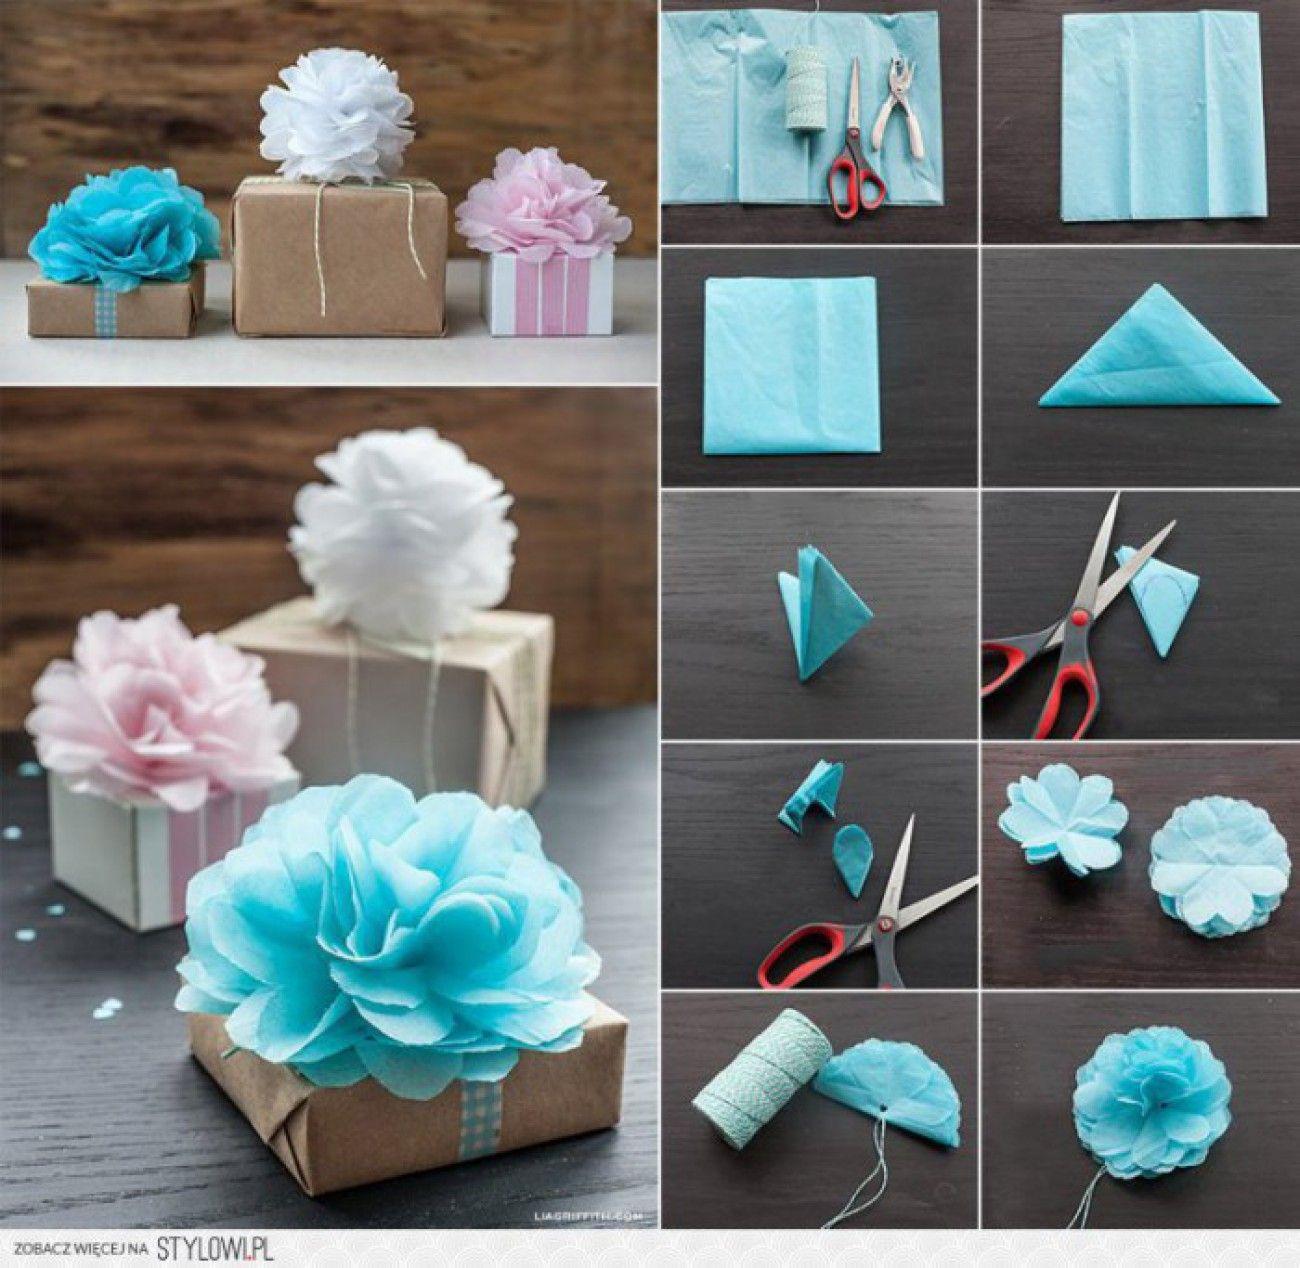 blumen aus servietten machen kreativ pinterest blumen aus servietten servietten und blumen. Black Bedroom Furniture Sets. Home Design Ideas